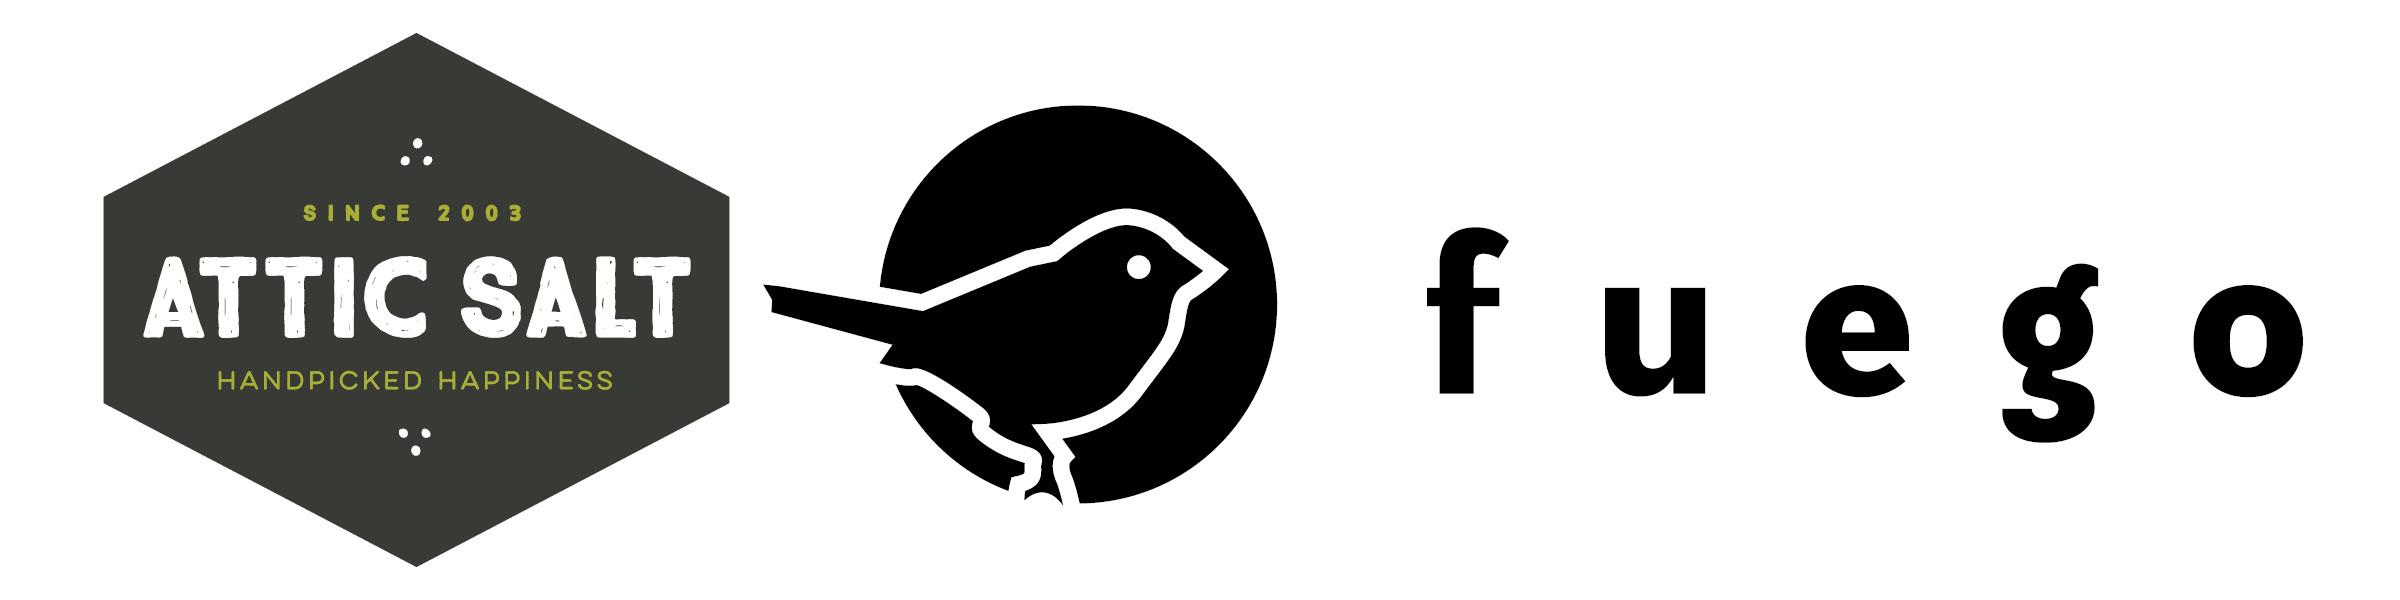 Fuego Cobranded logo